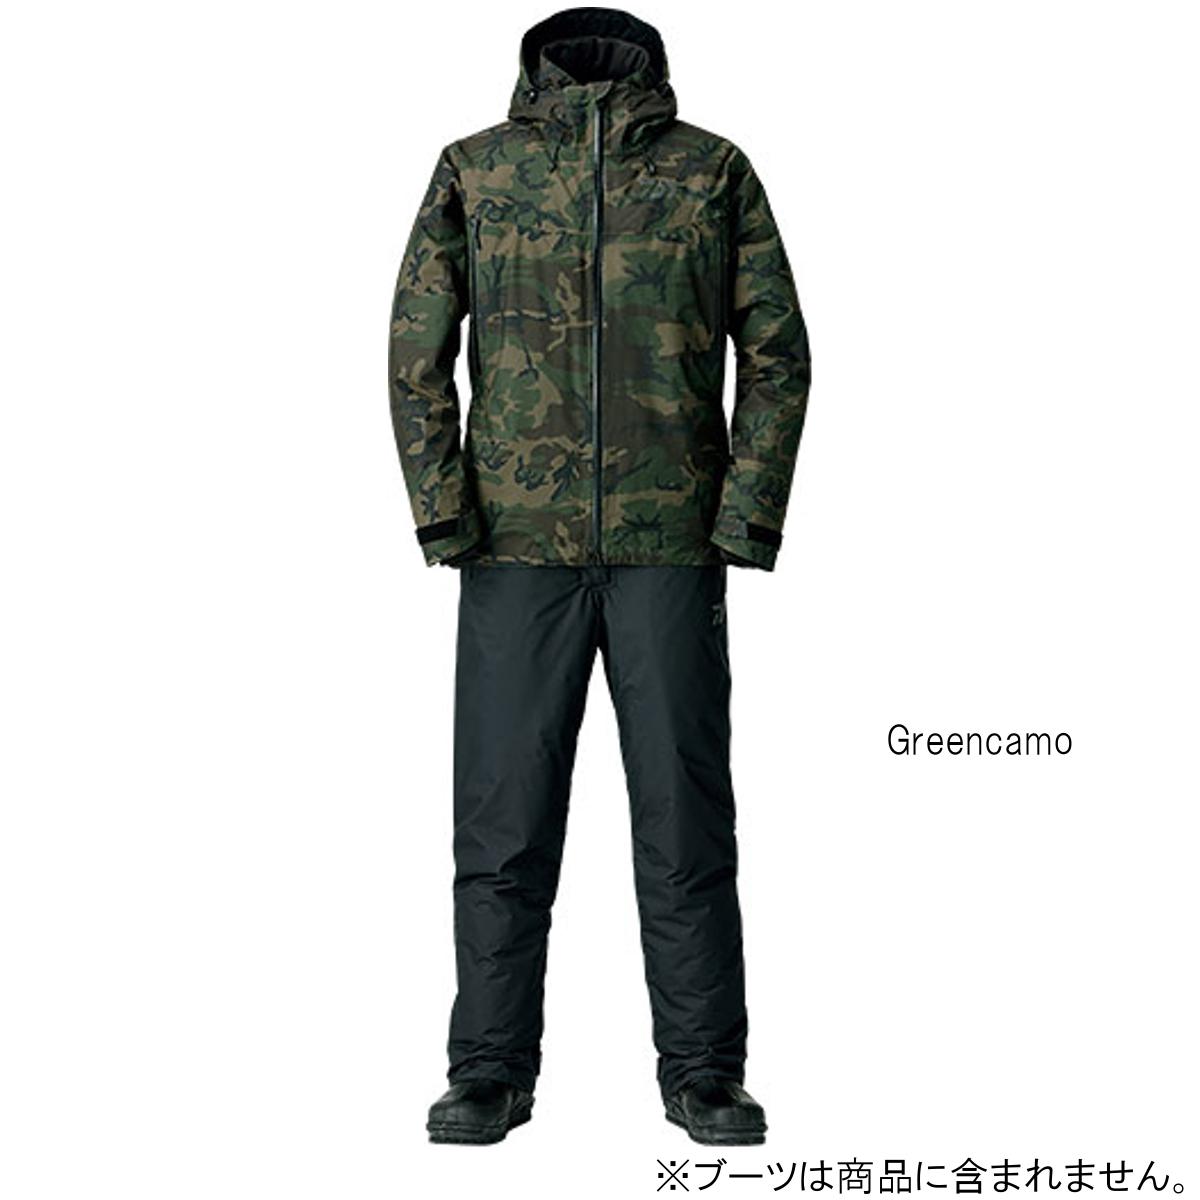 ダイワ レインマックス ウィンタースーツ DW-3108 L Greencamo(東日本店)